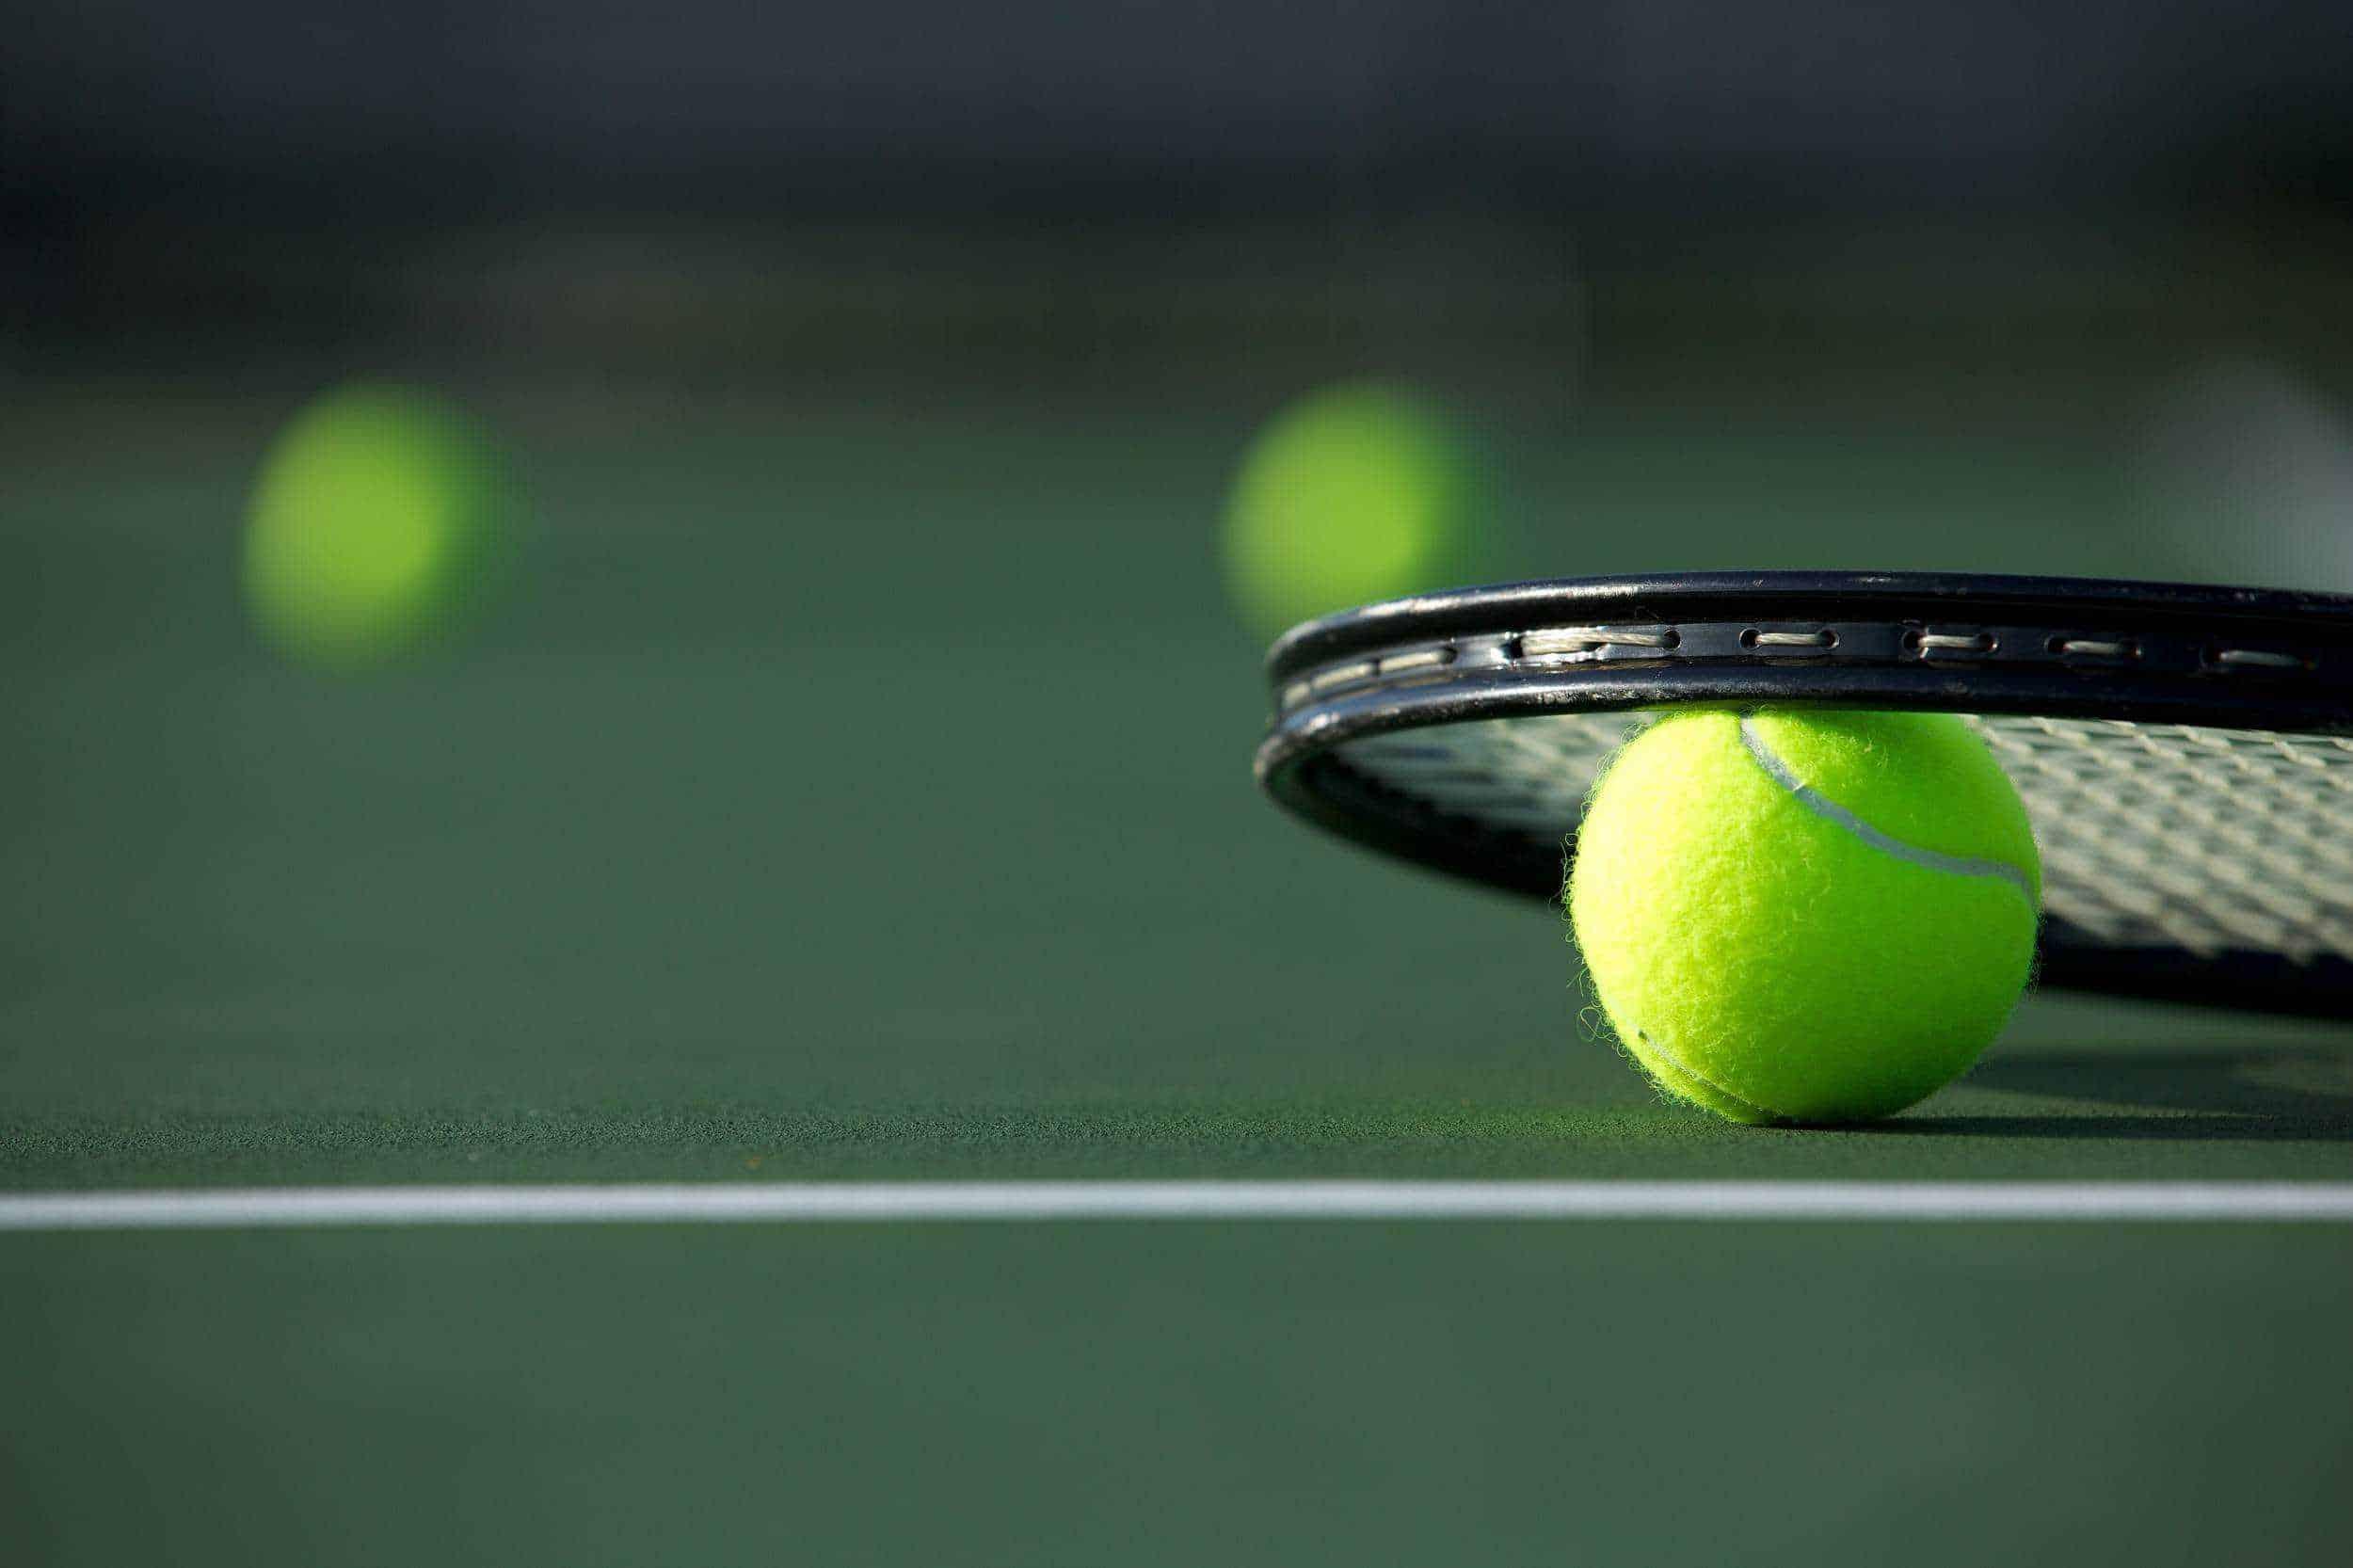 Best Tennis Racquet For A Female Beginner